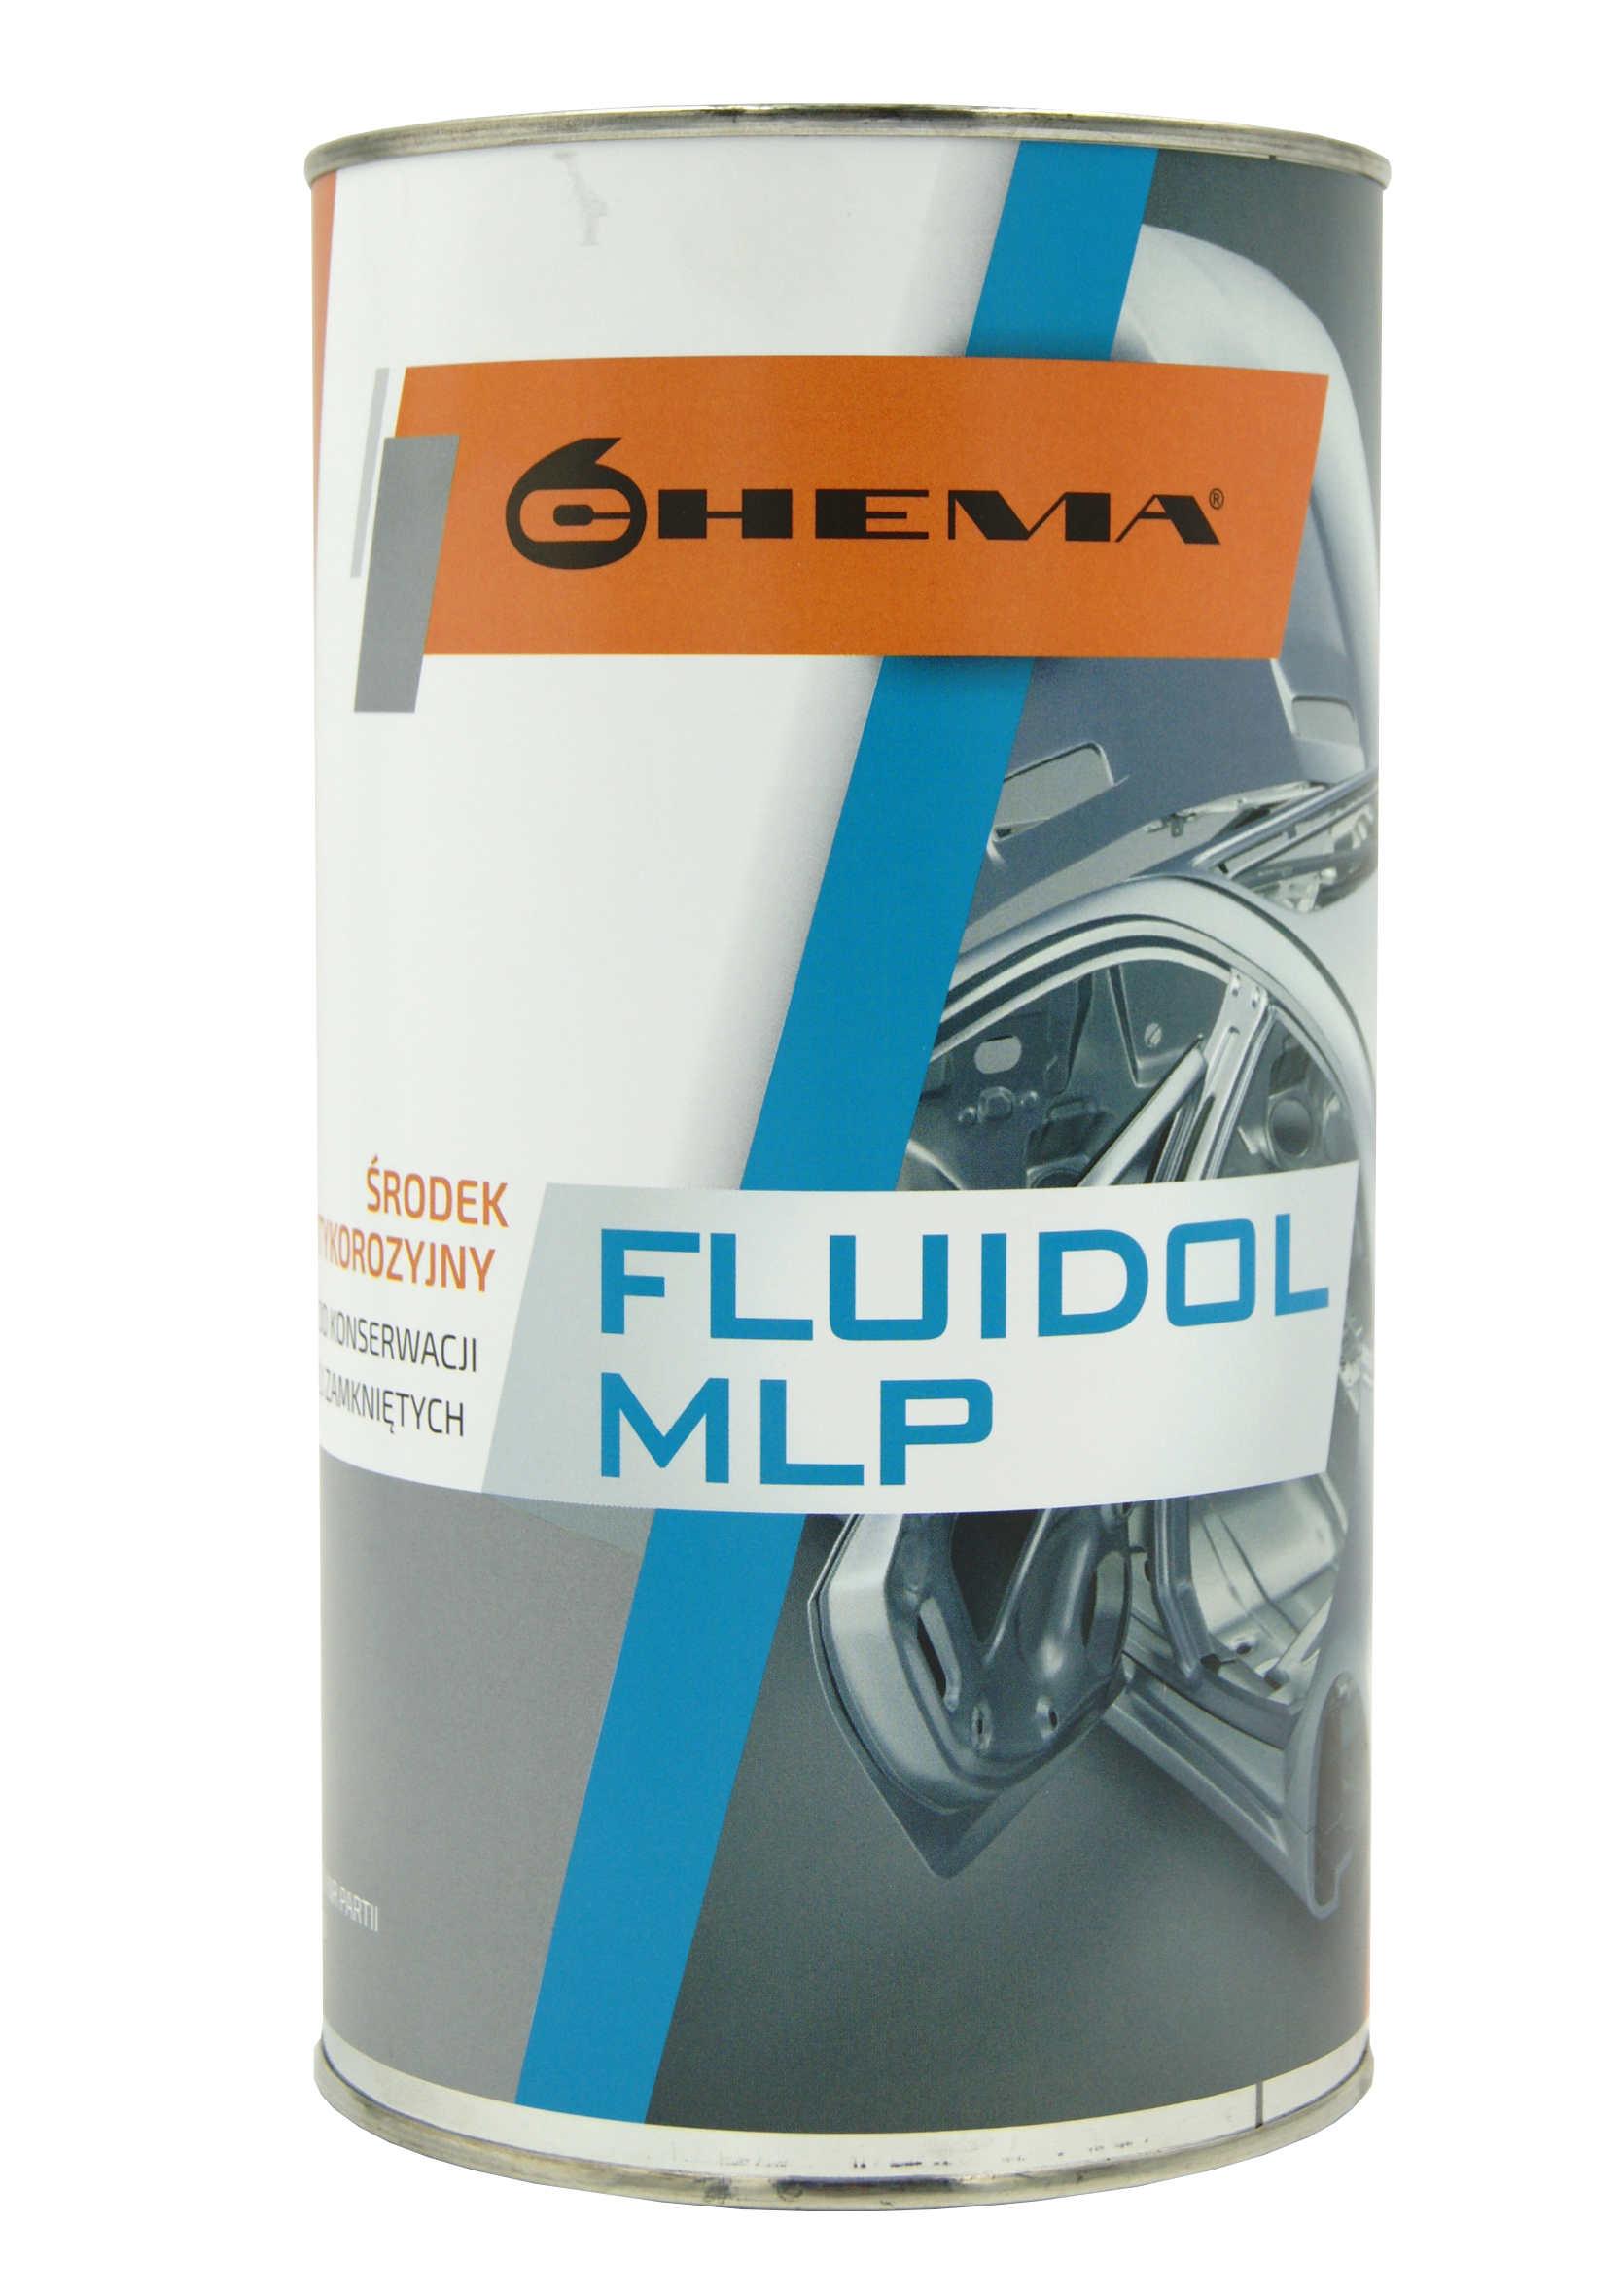 Chema Fluidol MLP 1.5L Preparat do Konserwacji Profili Zamkniętych